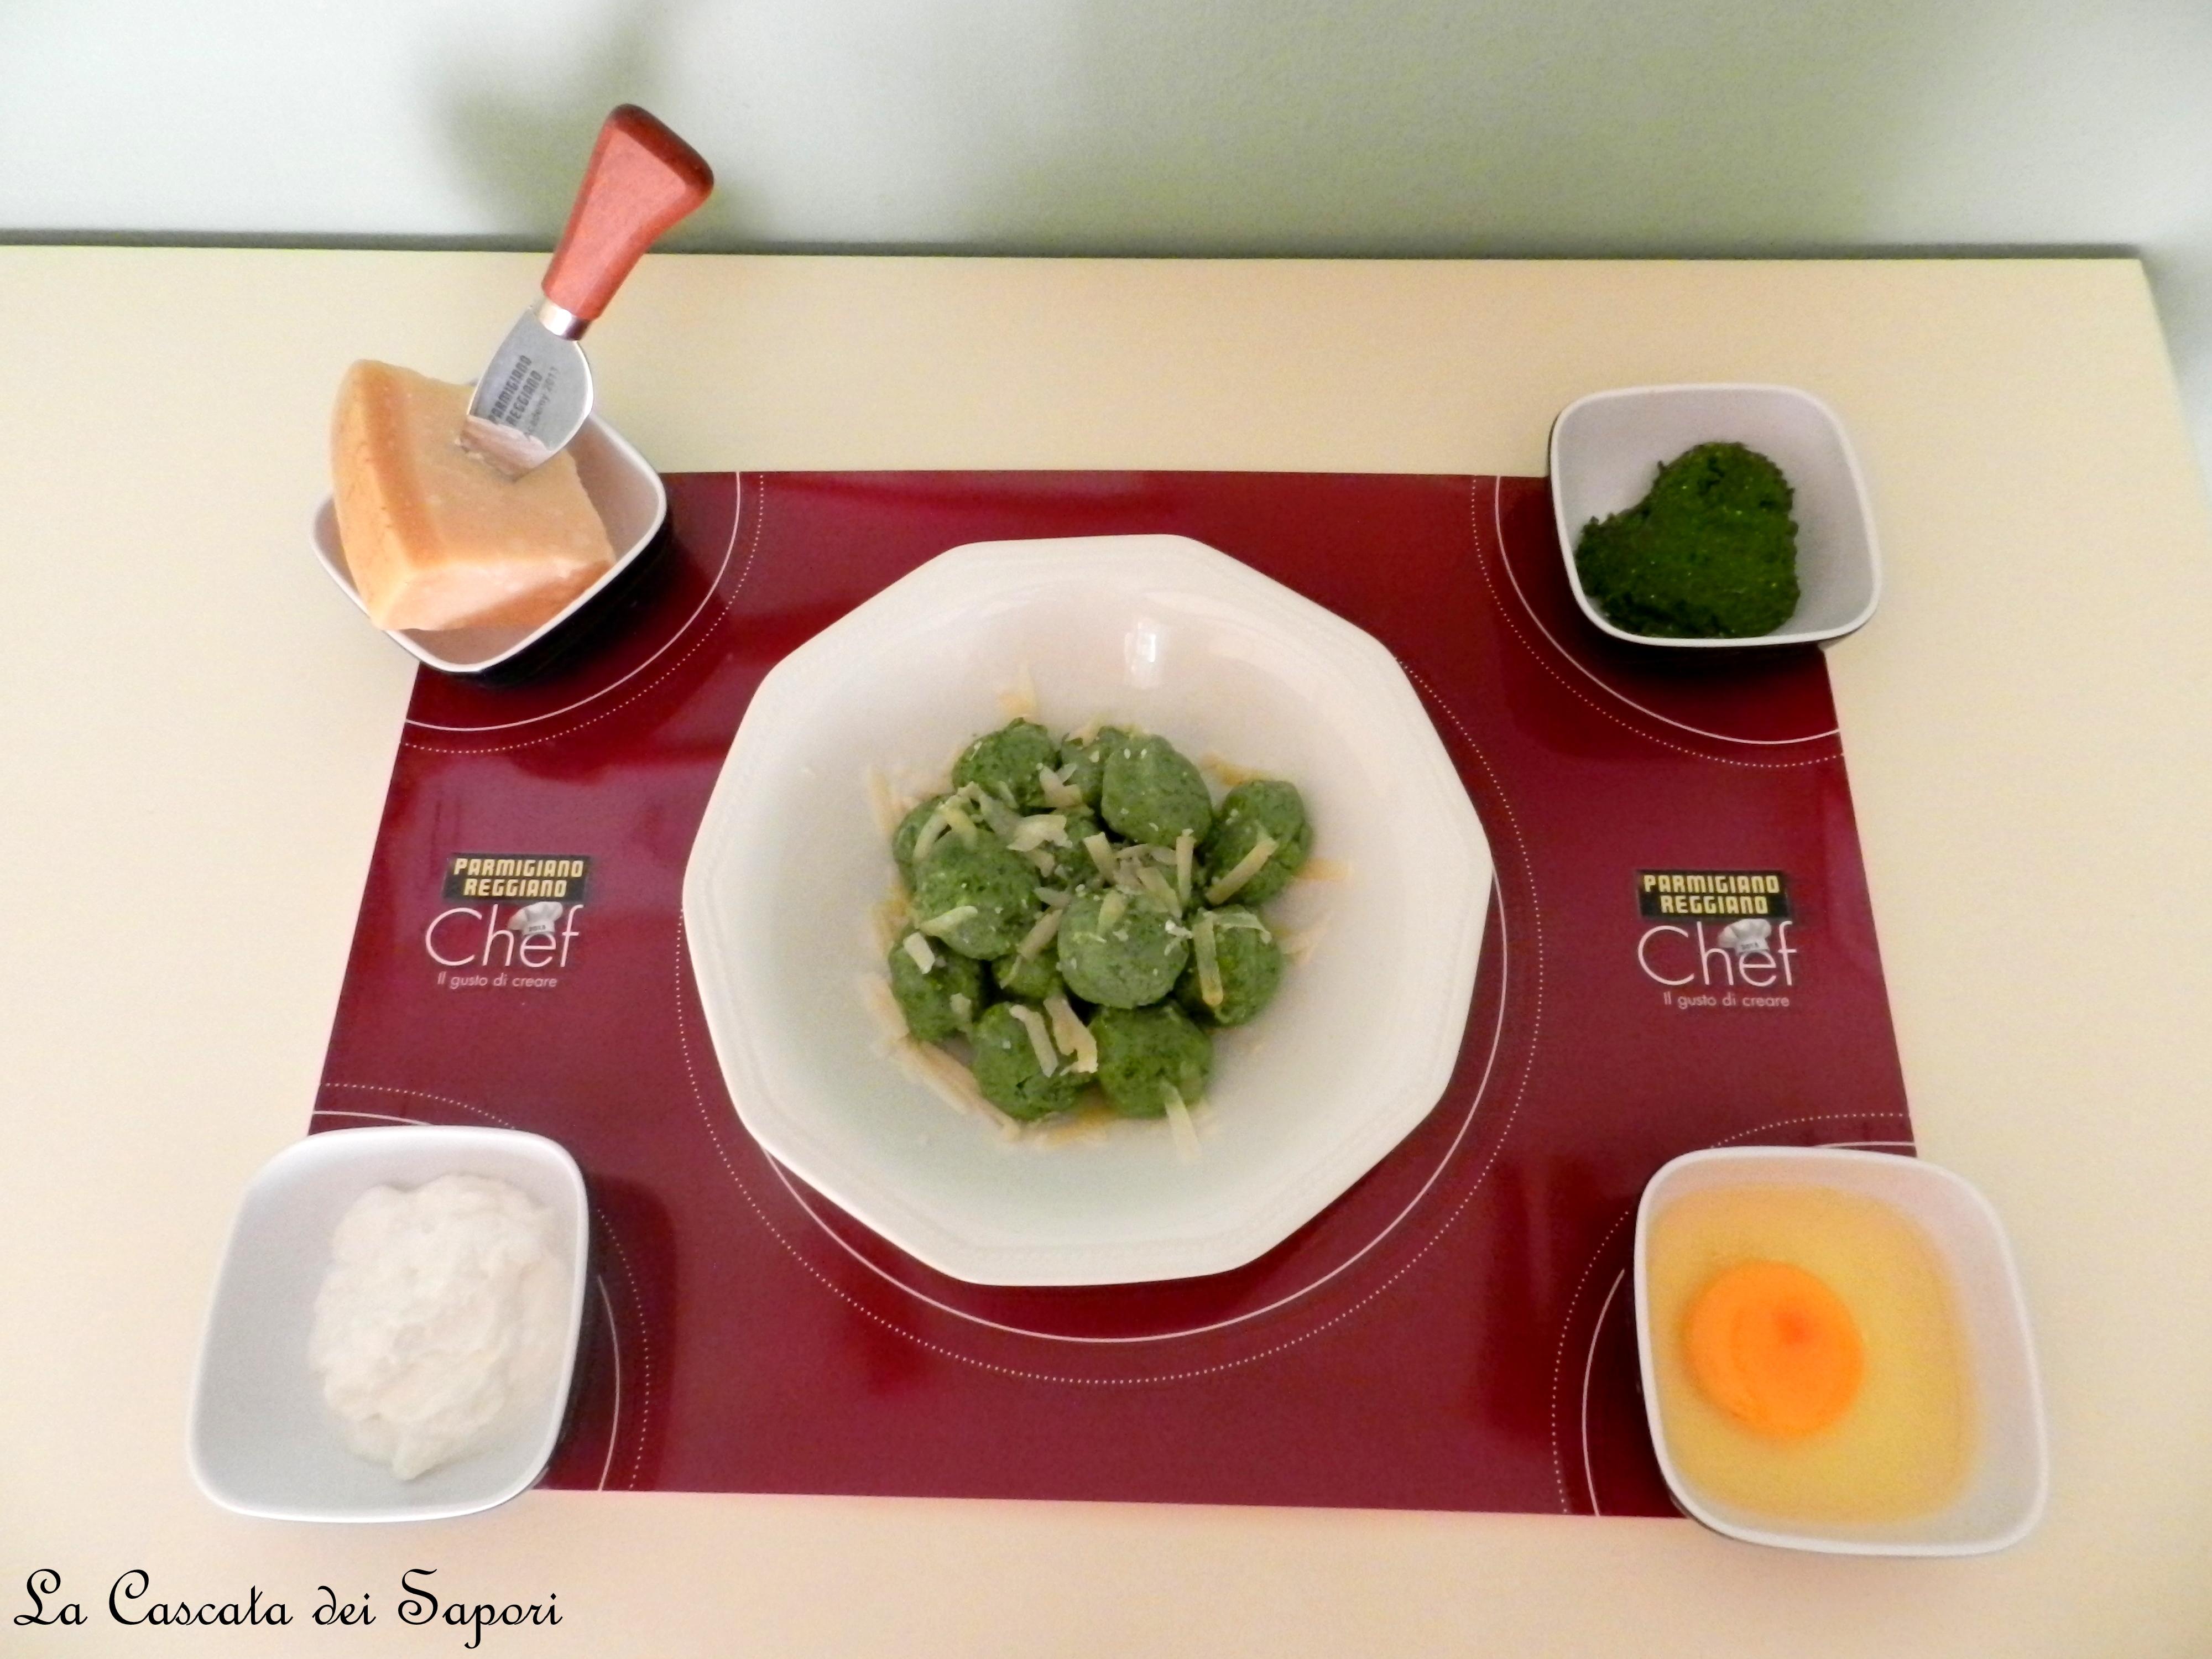 Gnocchi verdi di Ricotta e Coste con Parmigiano Reggiano 24 mesi